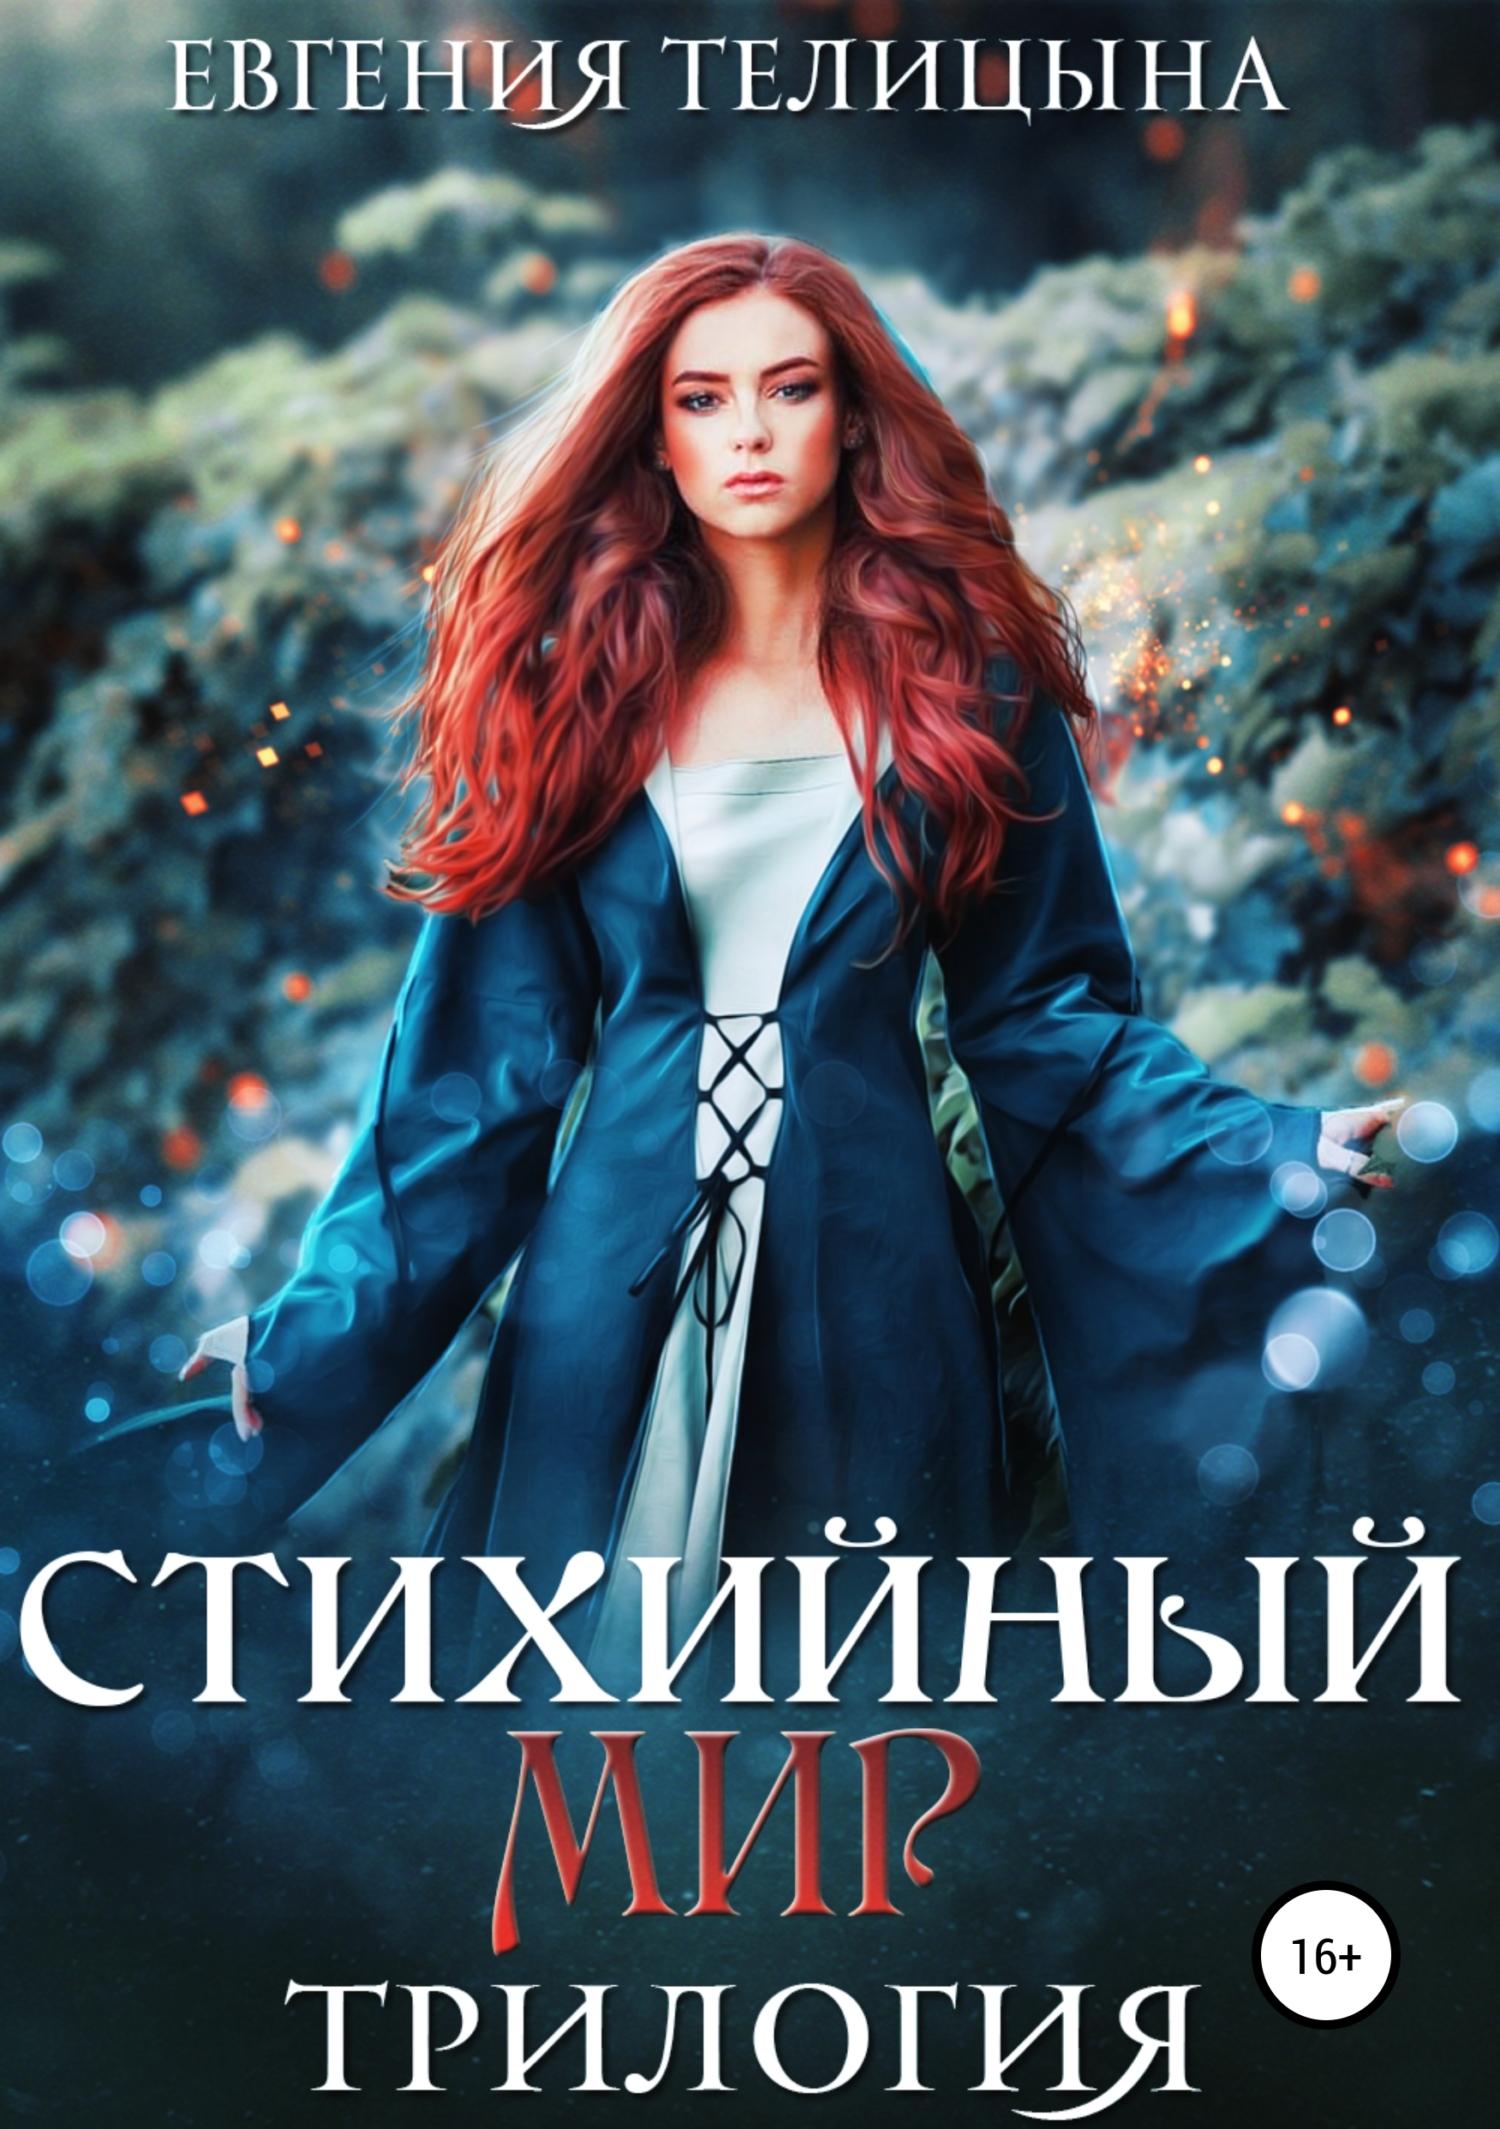 Евгения Телицына Стихийный мир: трилогия в одном томе цены онлайн